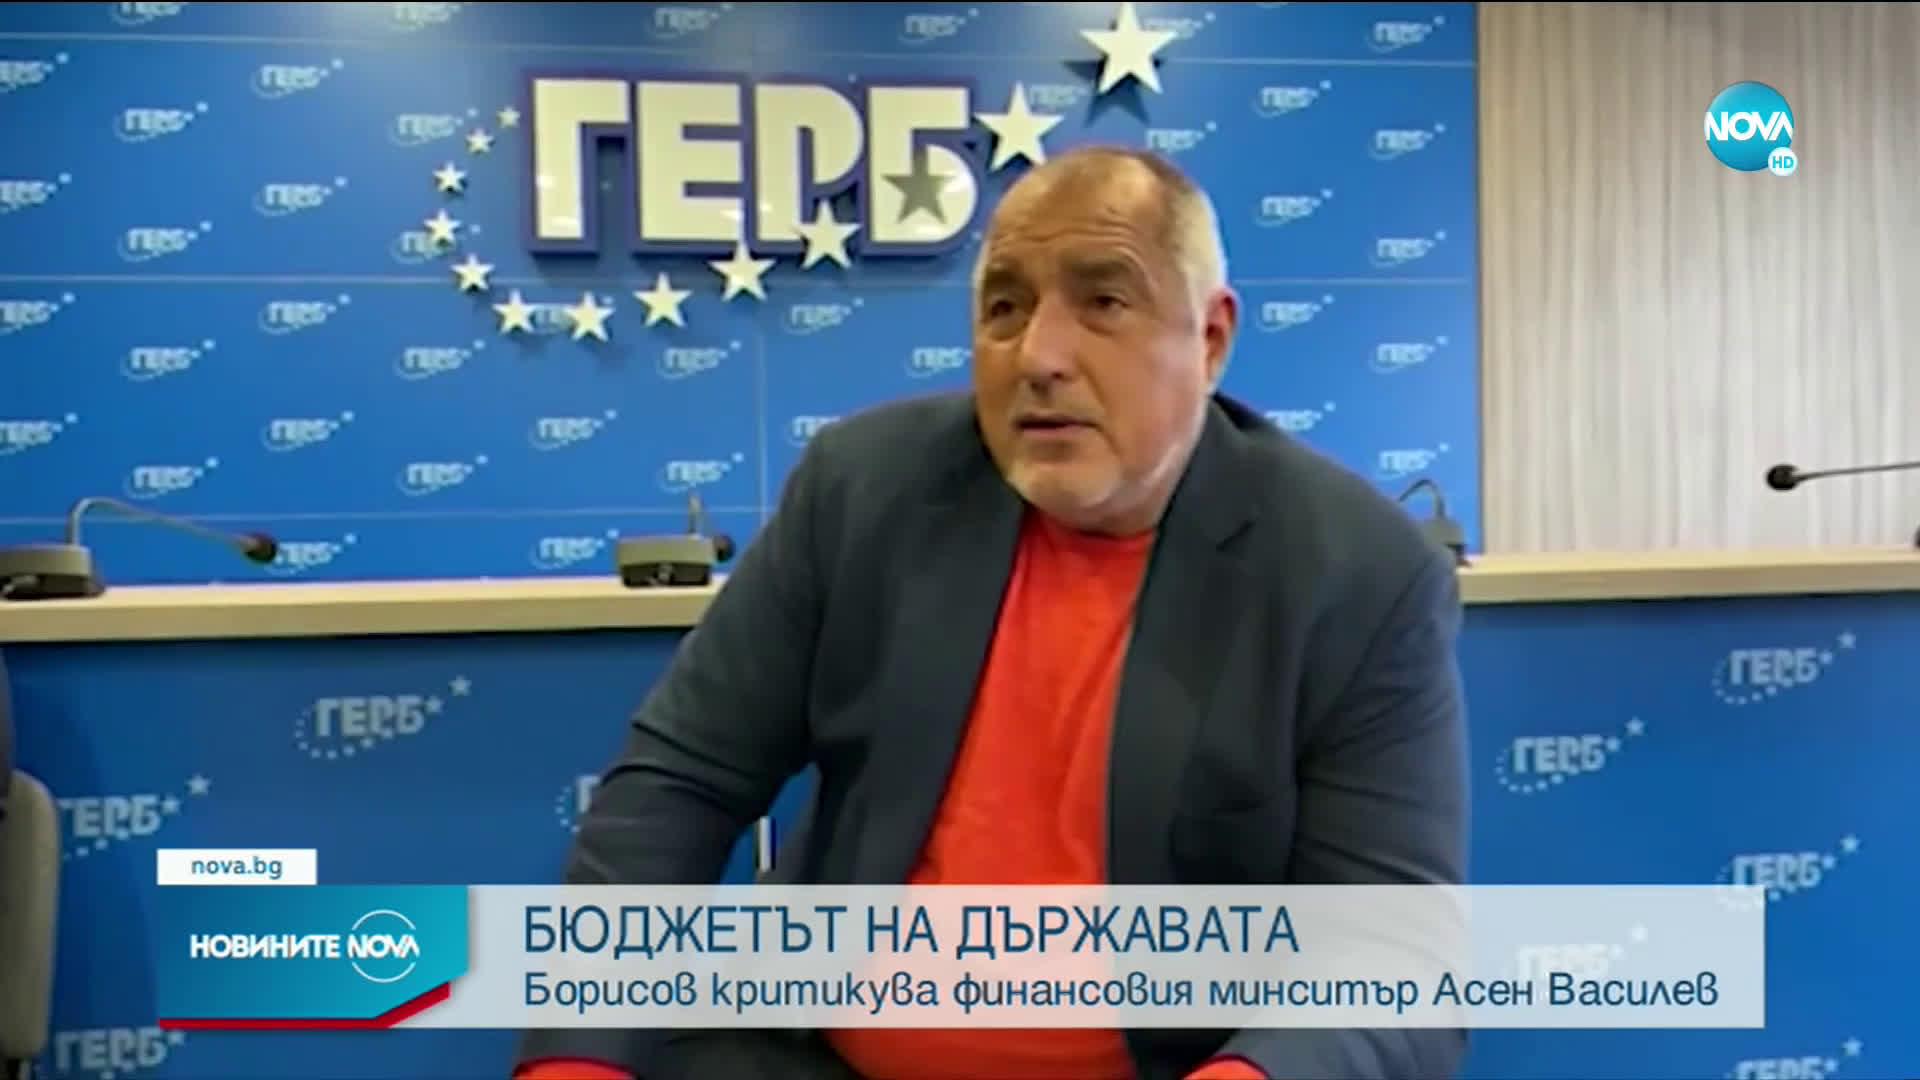 Борисов отговори на финансовия министър